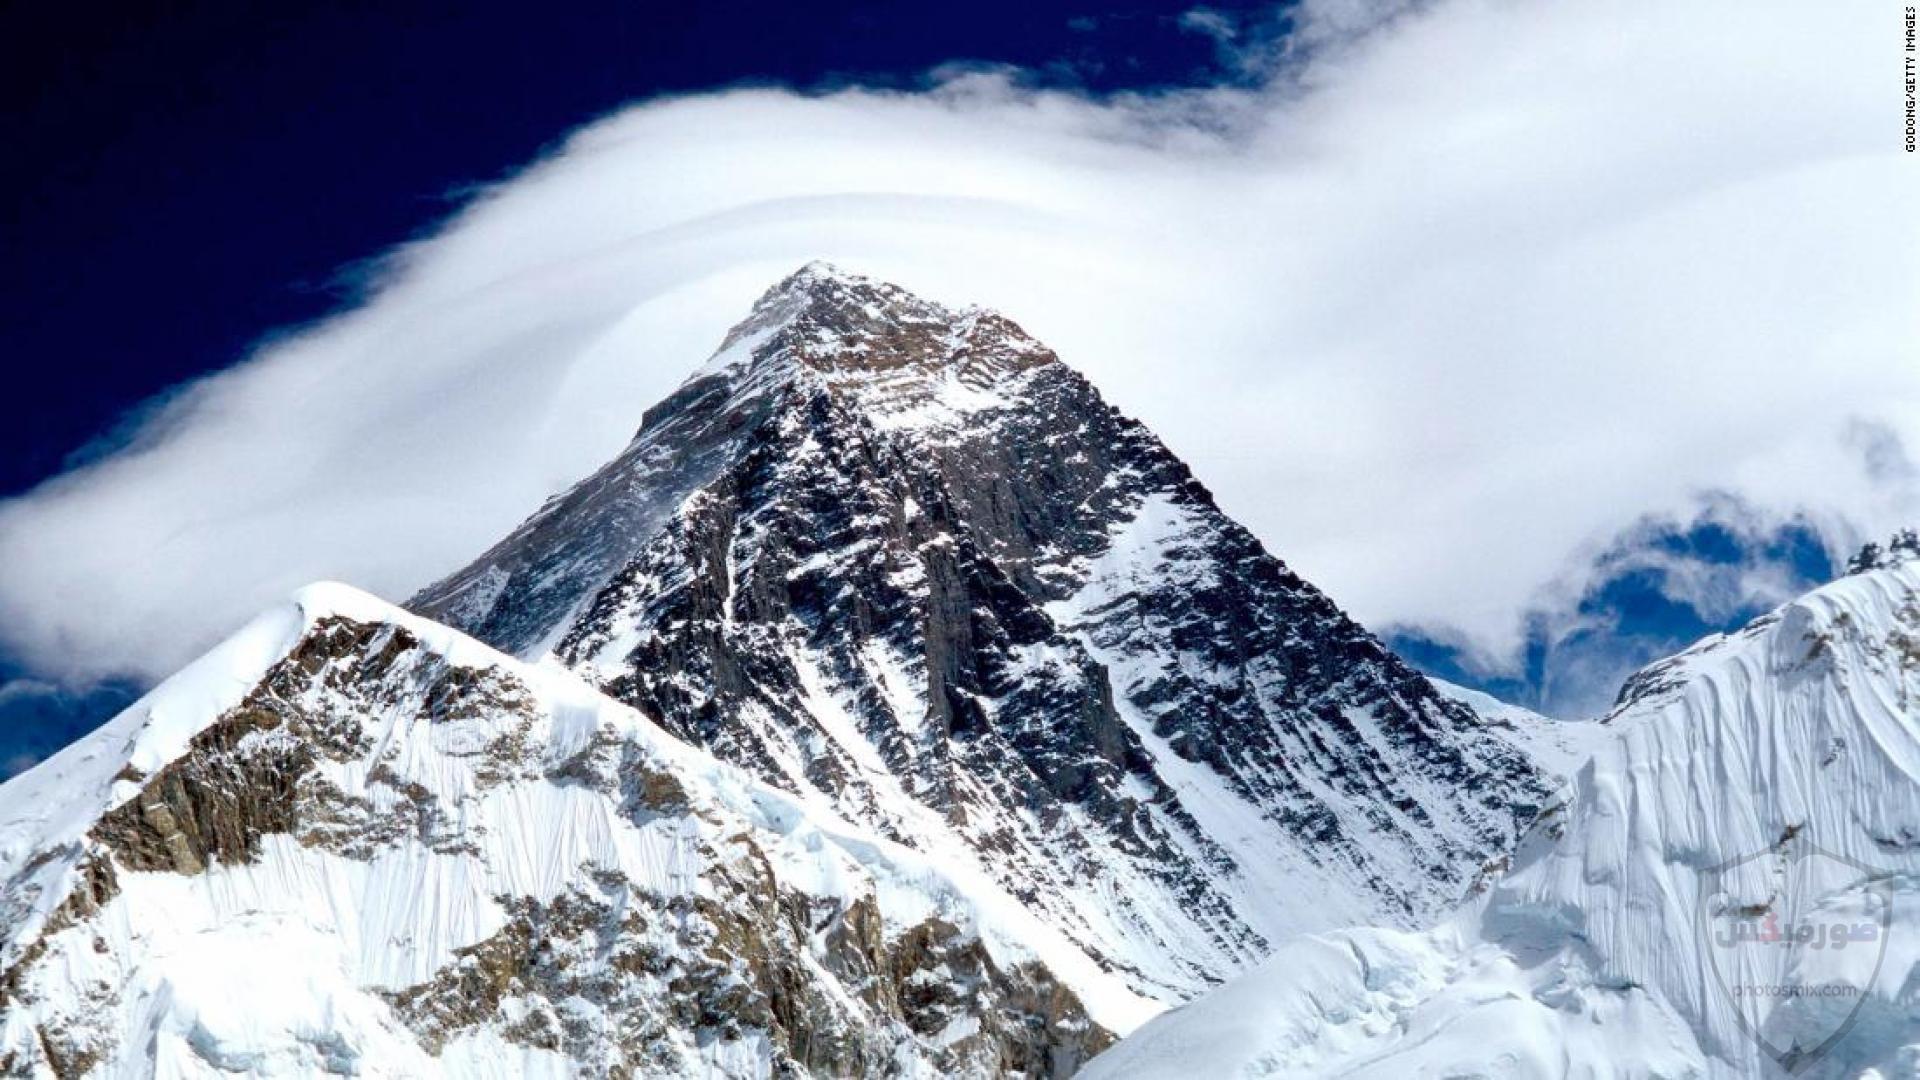 بالصور.. شلالات المياه تزين جبال سانت كاترين 9